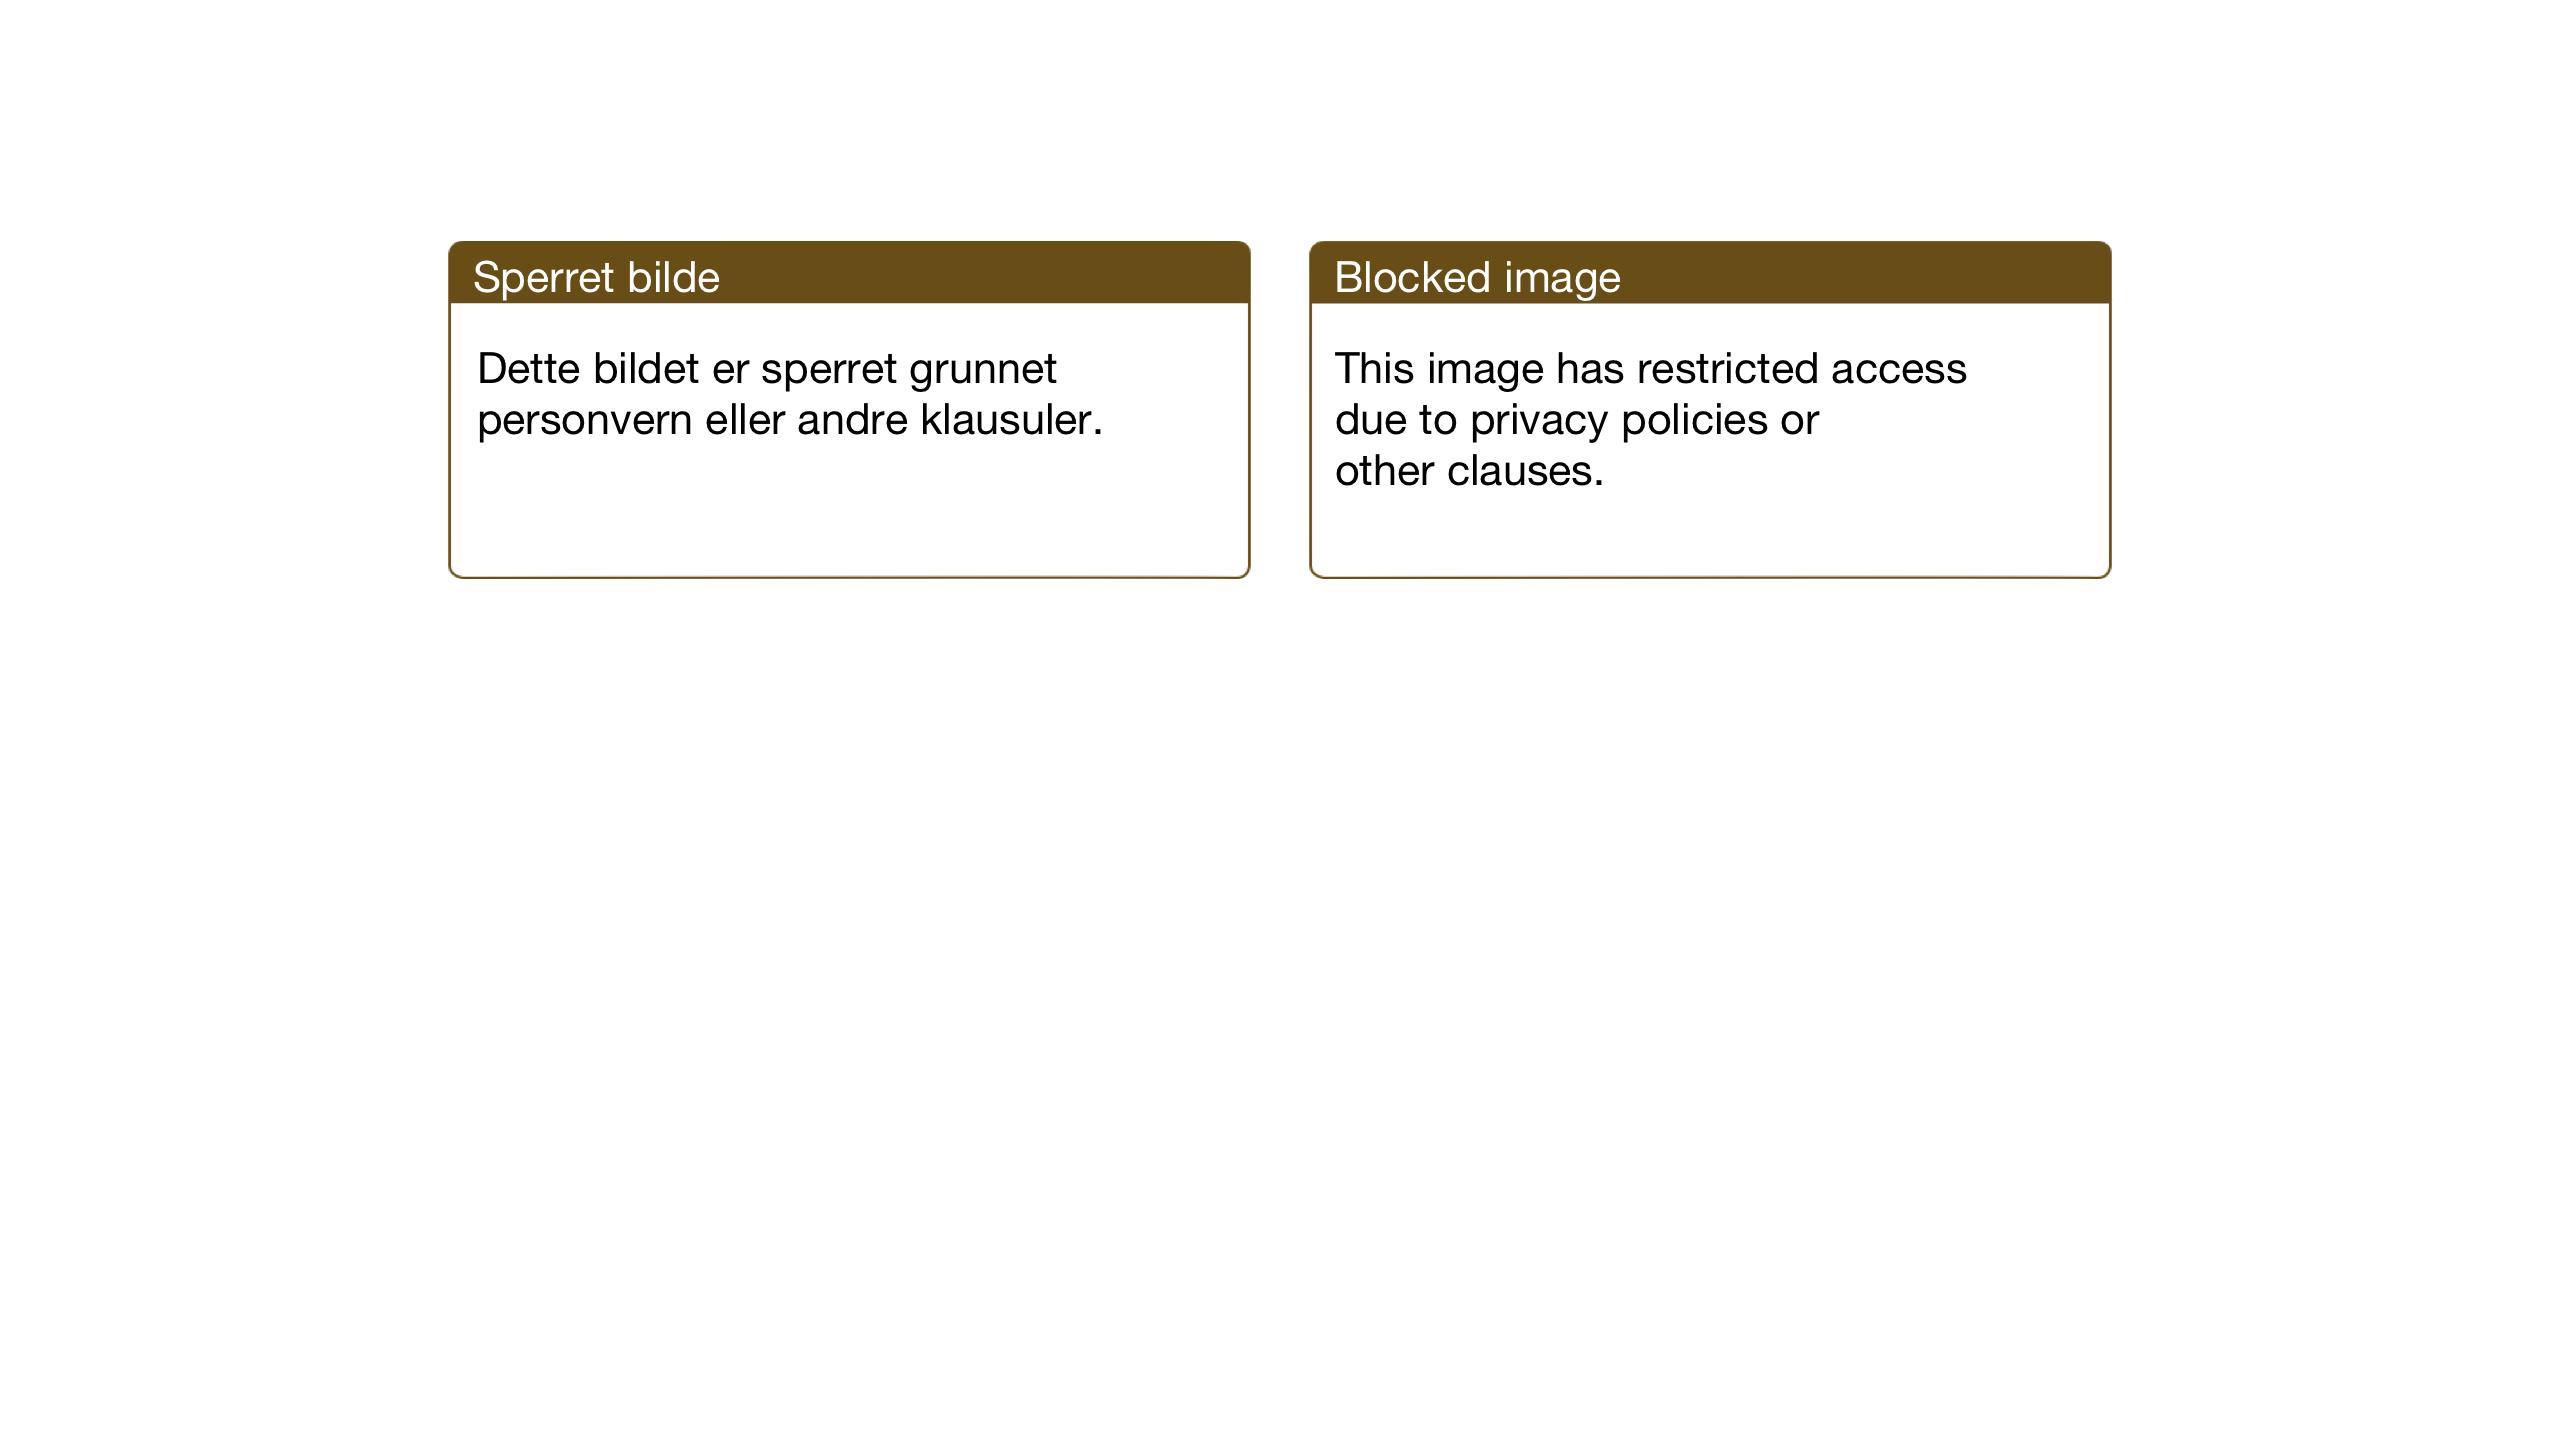 SAT, Ministerialprotokoller, klokkerbøker og fødselsregistre - Sør-Trøndelag, 653/L0658: Klokkerbok nr. 653C02, 1919-1947, s. 64